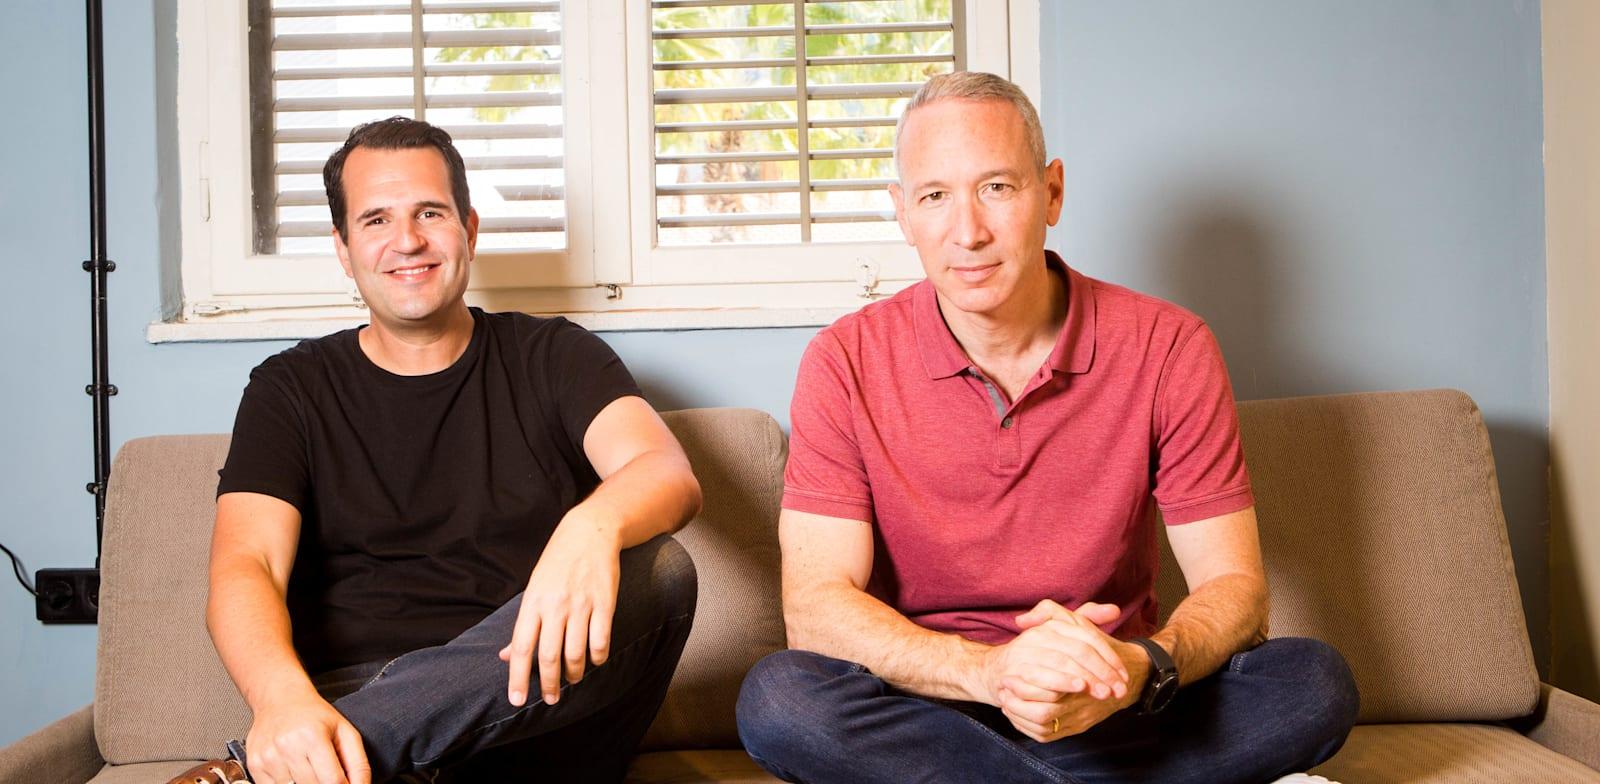 דניאל שרייבר + שי וינינגר - למונייד lemonade / צילום: שלומי יוסף